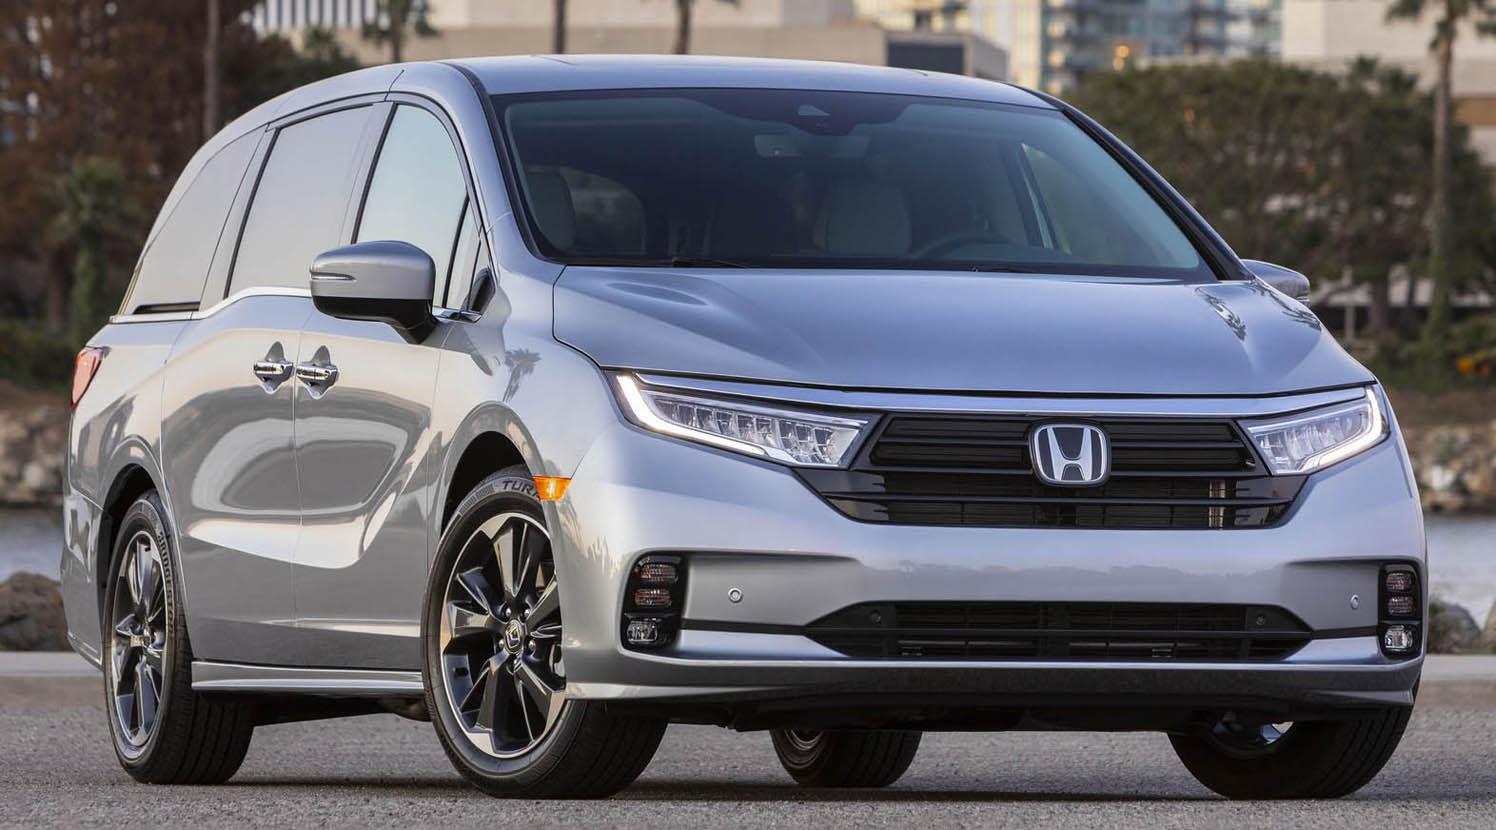 Kekurangan Honda 3 Spesifikasi